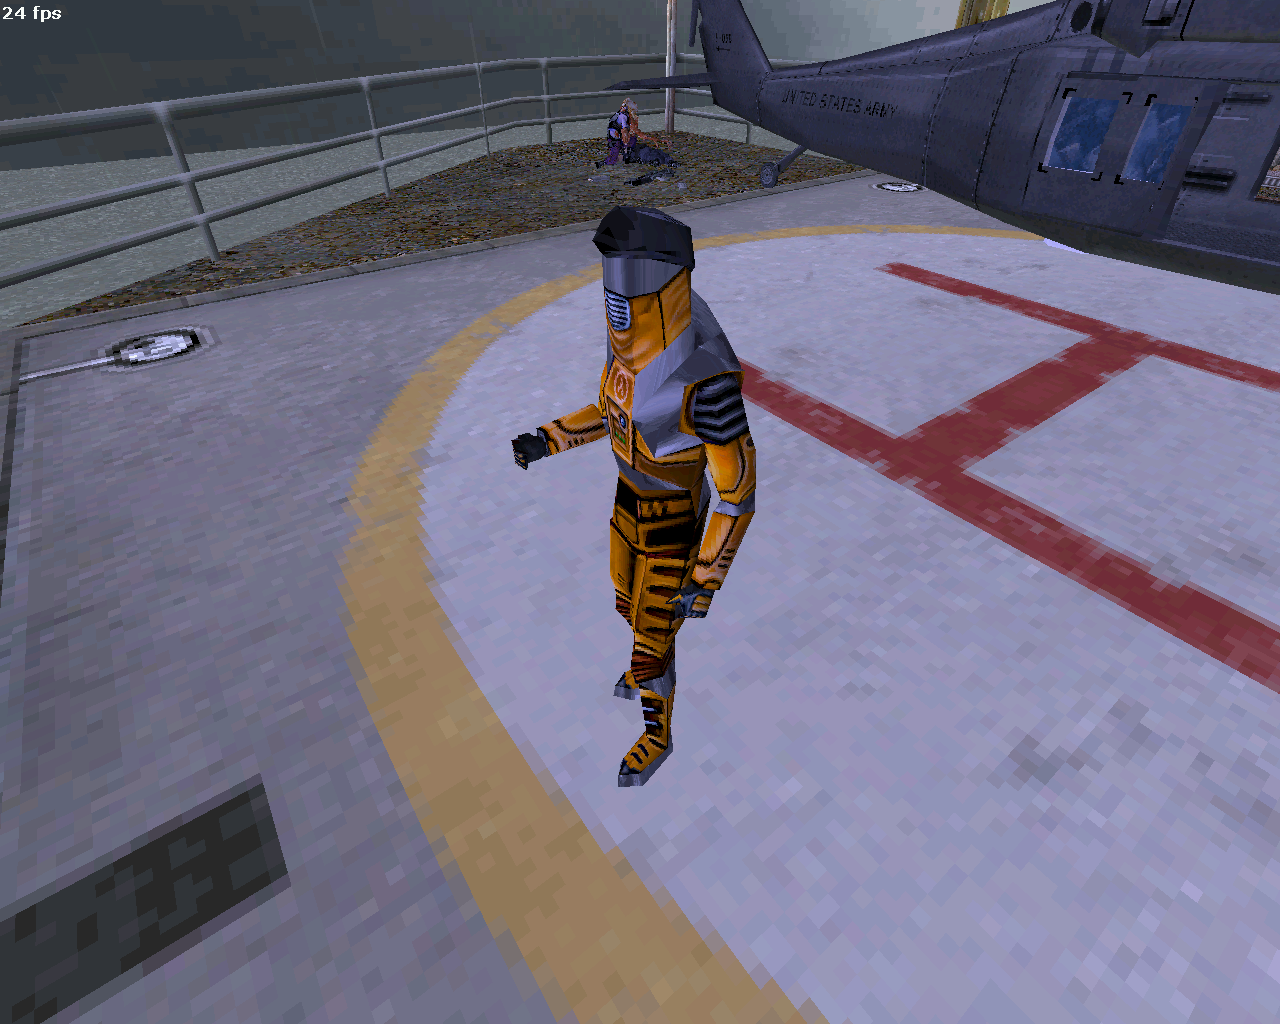 pcsm5d0012.png - Half-Life